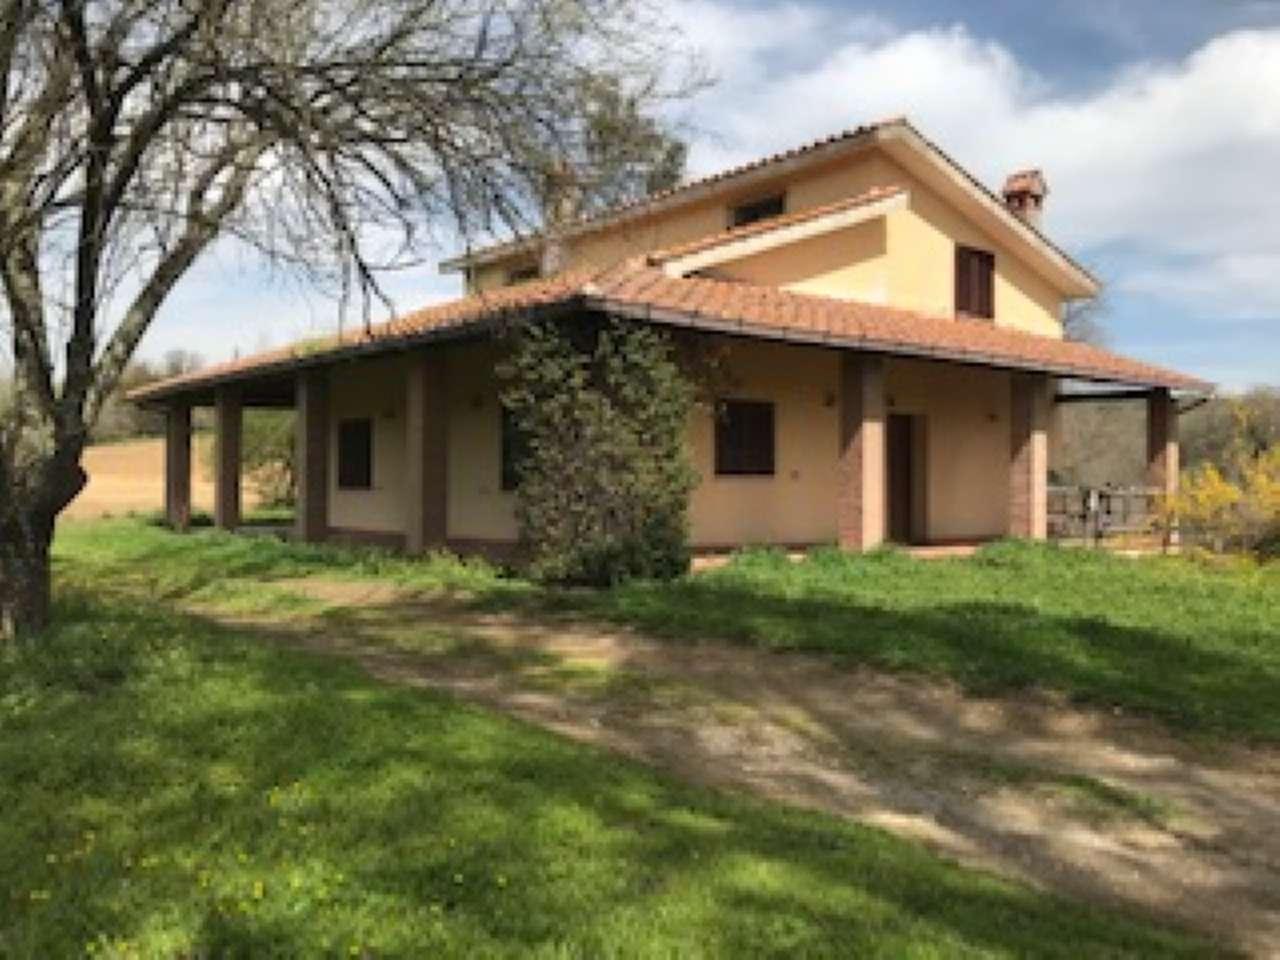 Rustico / Casale in vendita a Sacrofano, 9999 locali, prezzo € 850.000 | CambioCasa.it